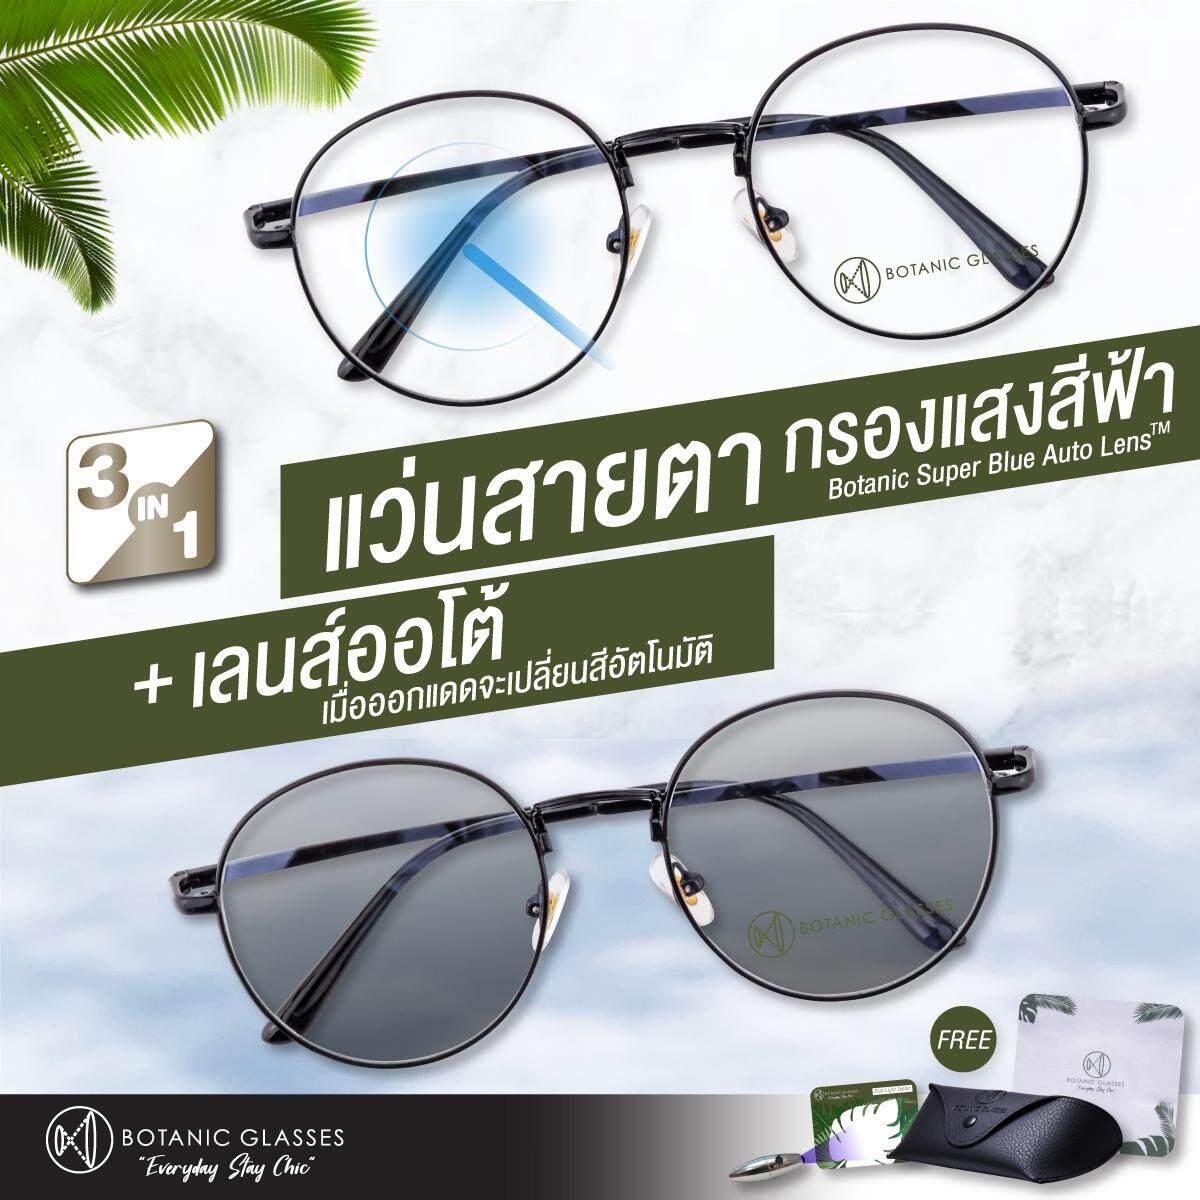 แว่นสายตาสั้น เลนส์ออโต้ + กรองแสงสีฟ้า รุ่นท๊อป สีดำ ออกแดดเปลี่ยนสี Autoblue Black กันuv99% แว่นสายตา แว่นกรองแสง แว่นออโต้ แว่นตา แว่น ออโต้ Auto + Blue Block Lens.